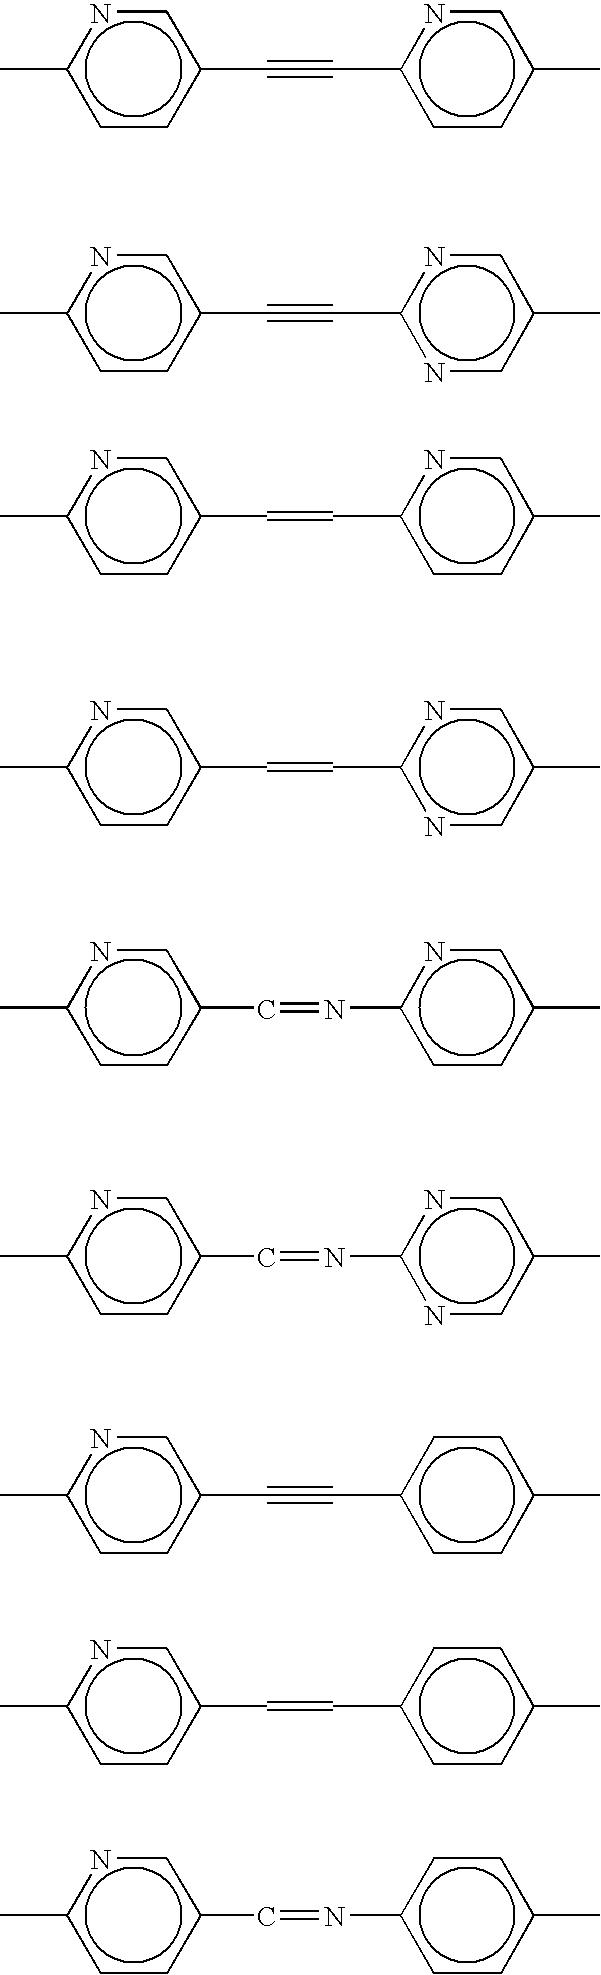 Figure US20050280604A1-20051222-C00011